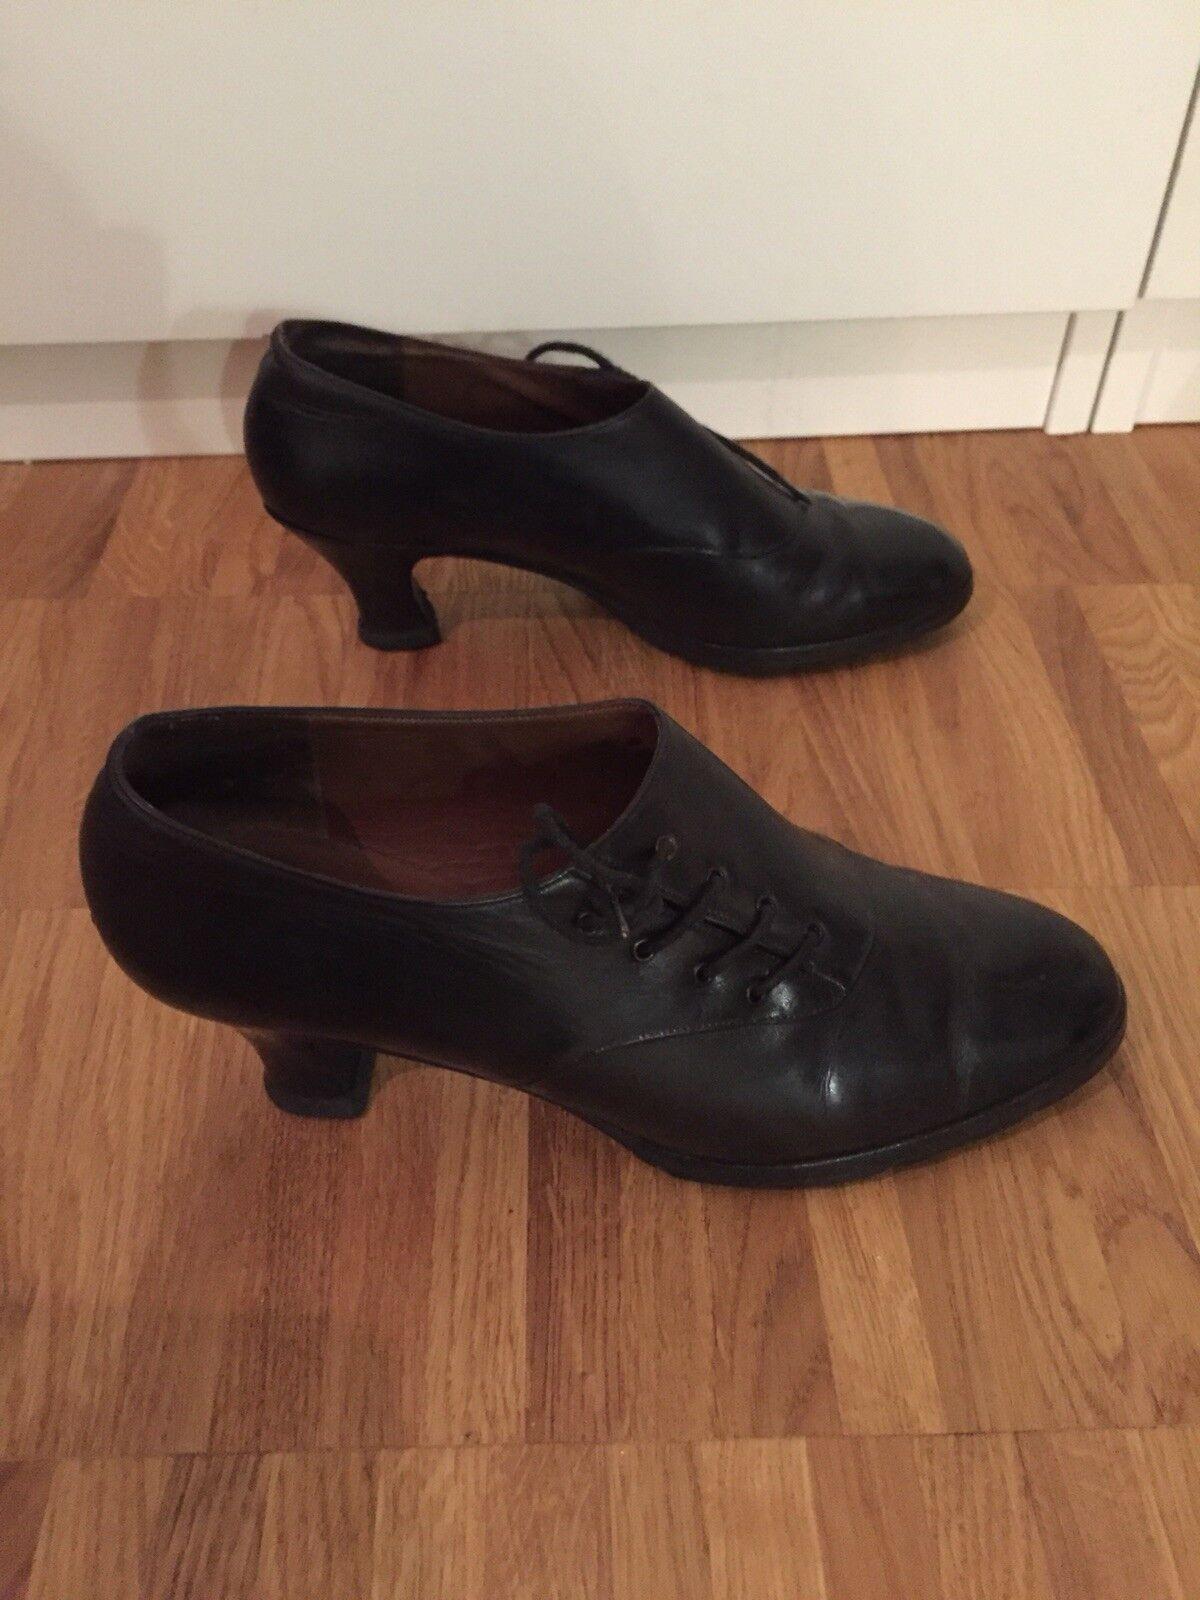 BALLY Schuhe Seitliche Schnürer mit Absatz Seitliche Schuhe Schnürung Größe 39 21a632